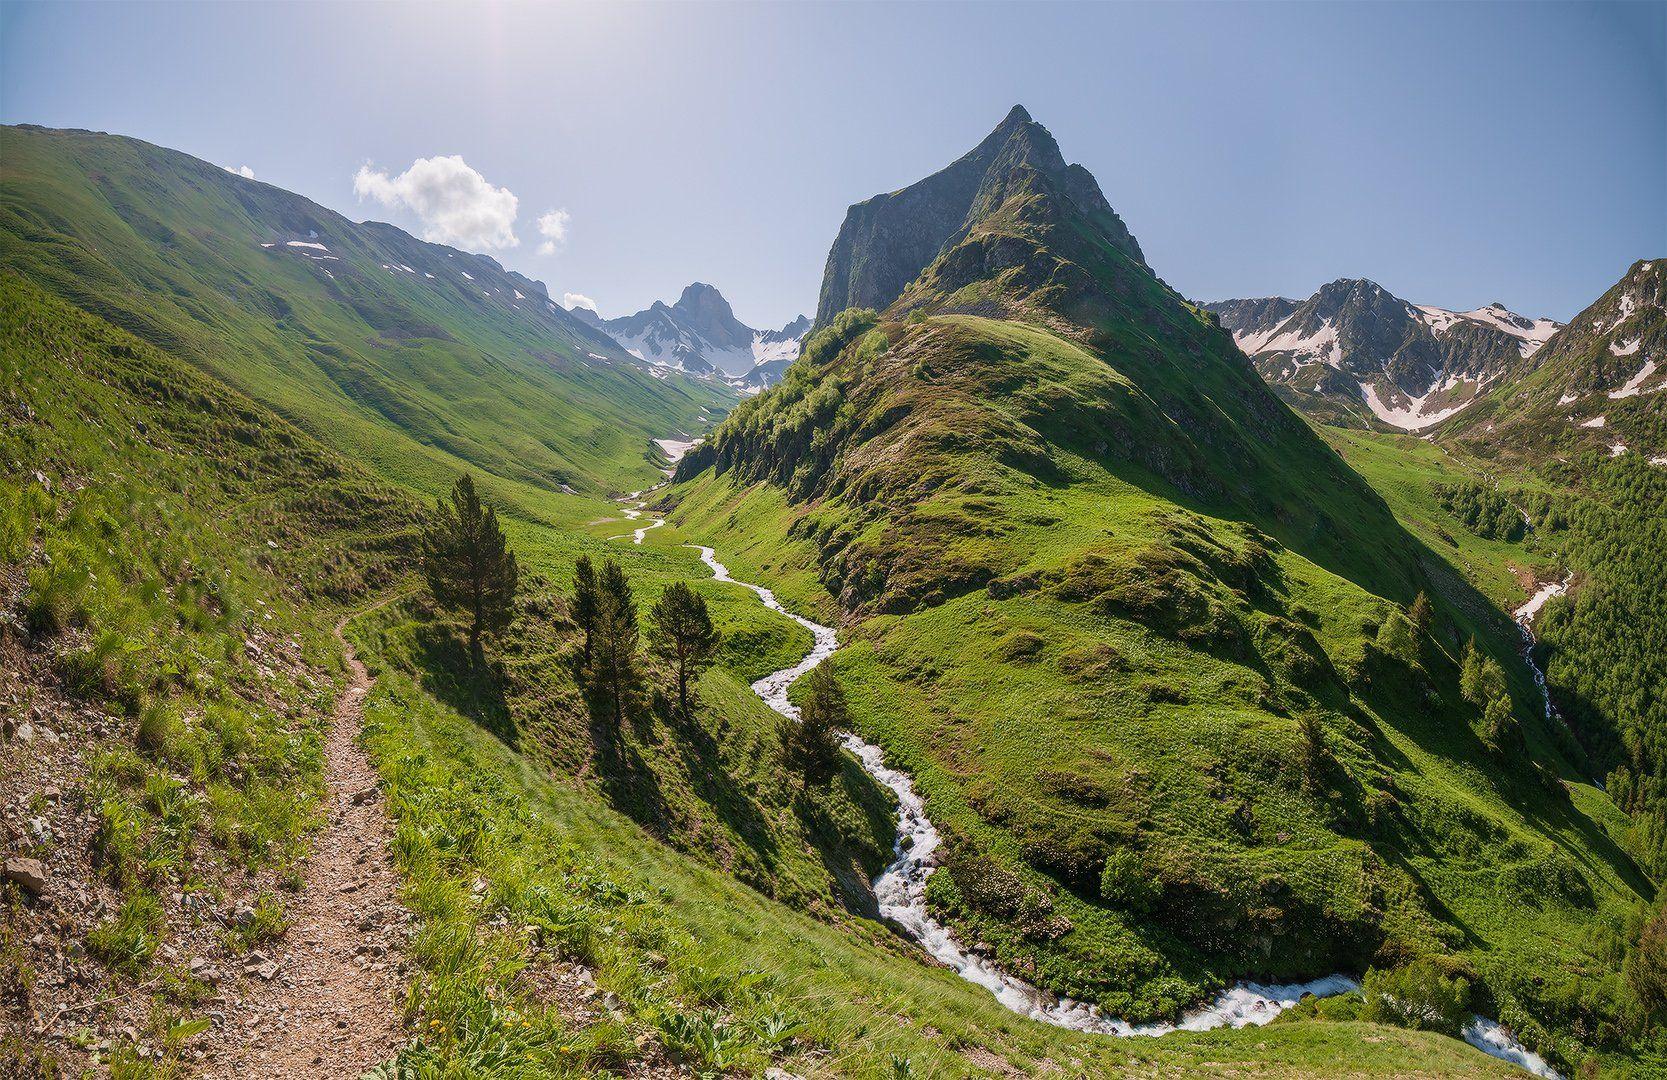 северный кавказ шхуанта загеданка, Николай